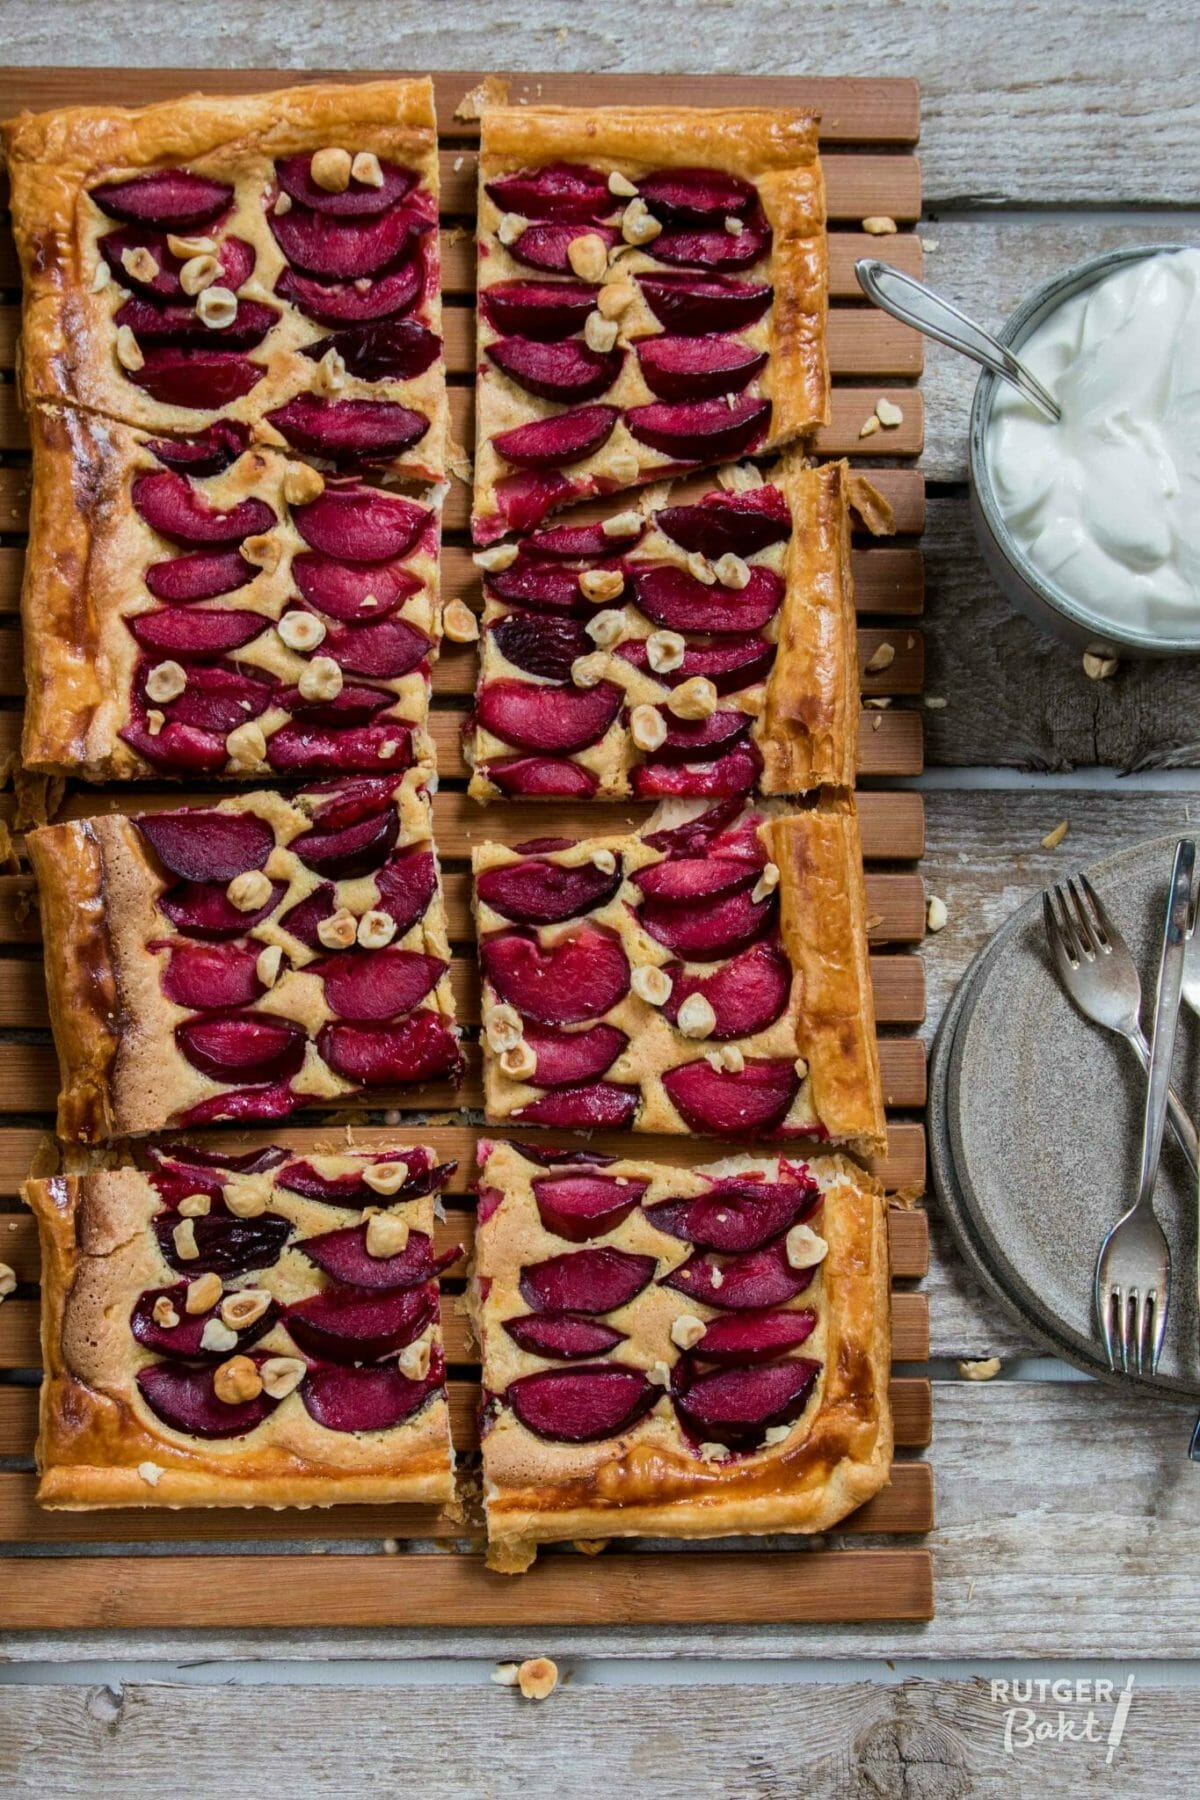 4 x bakken met zomerfruit